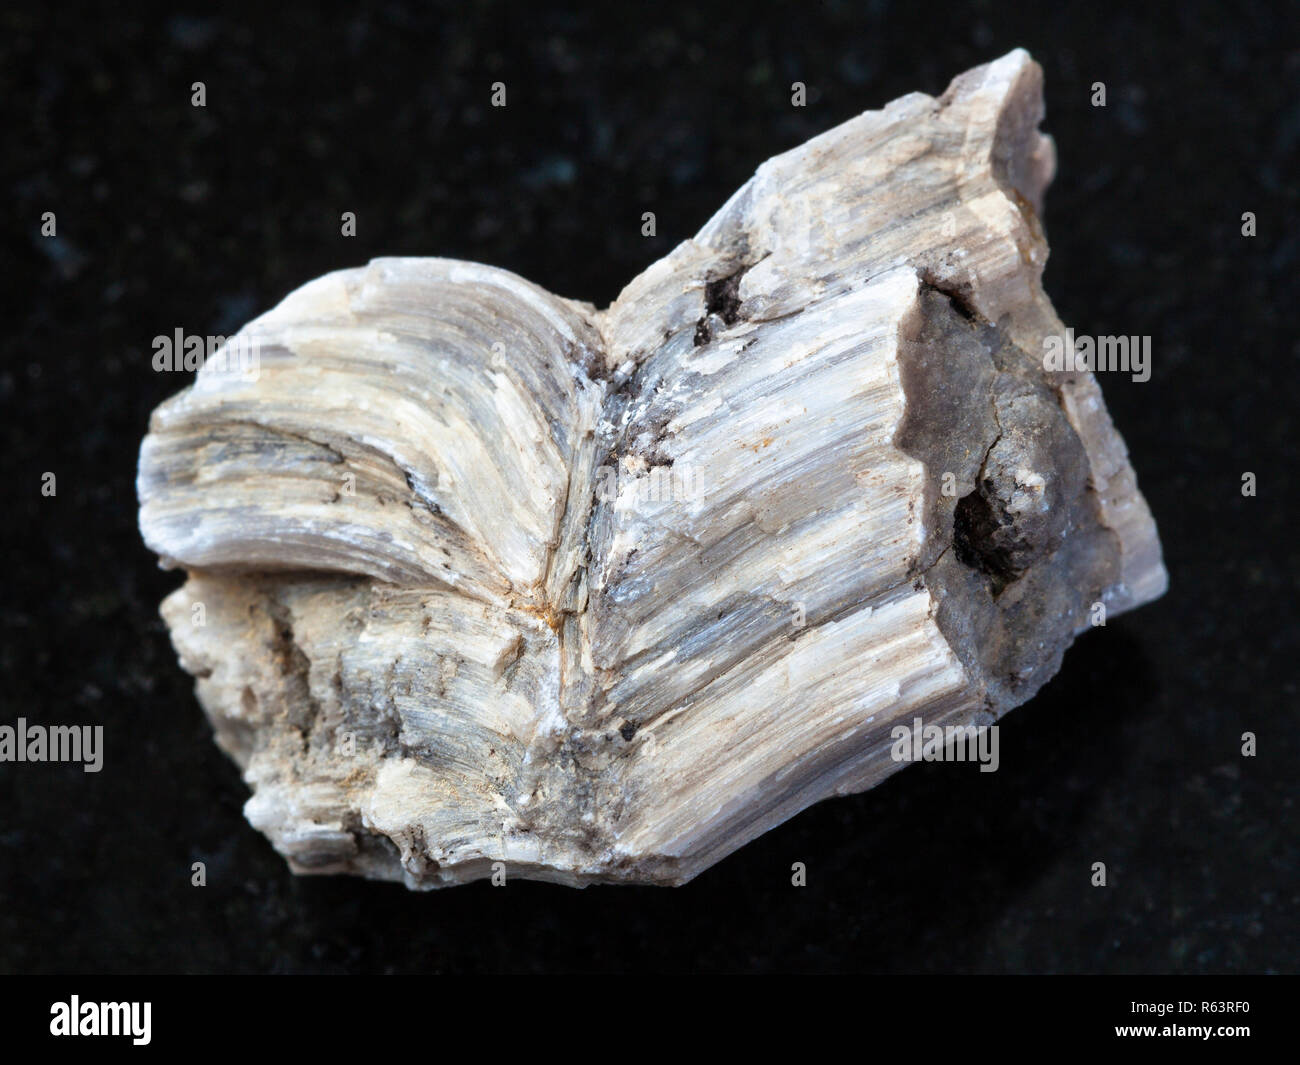 raw baryte stone on dark background - Stock Image